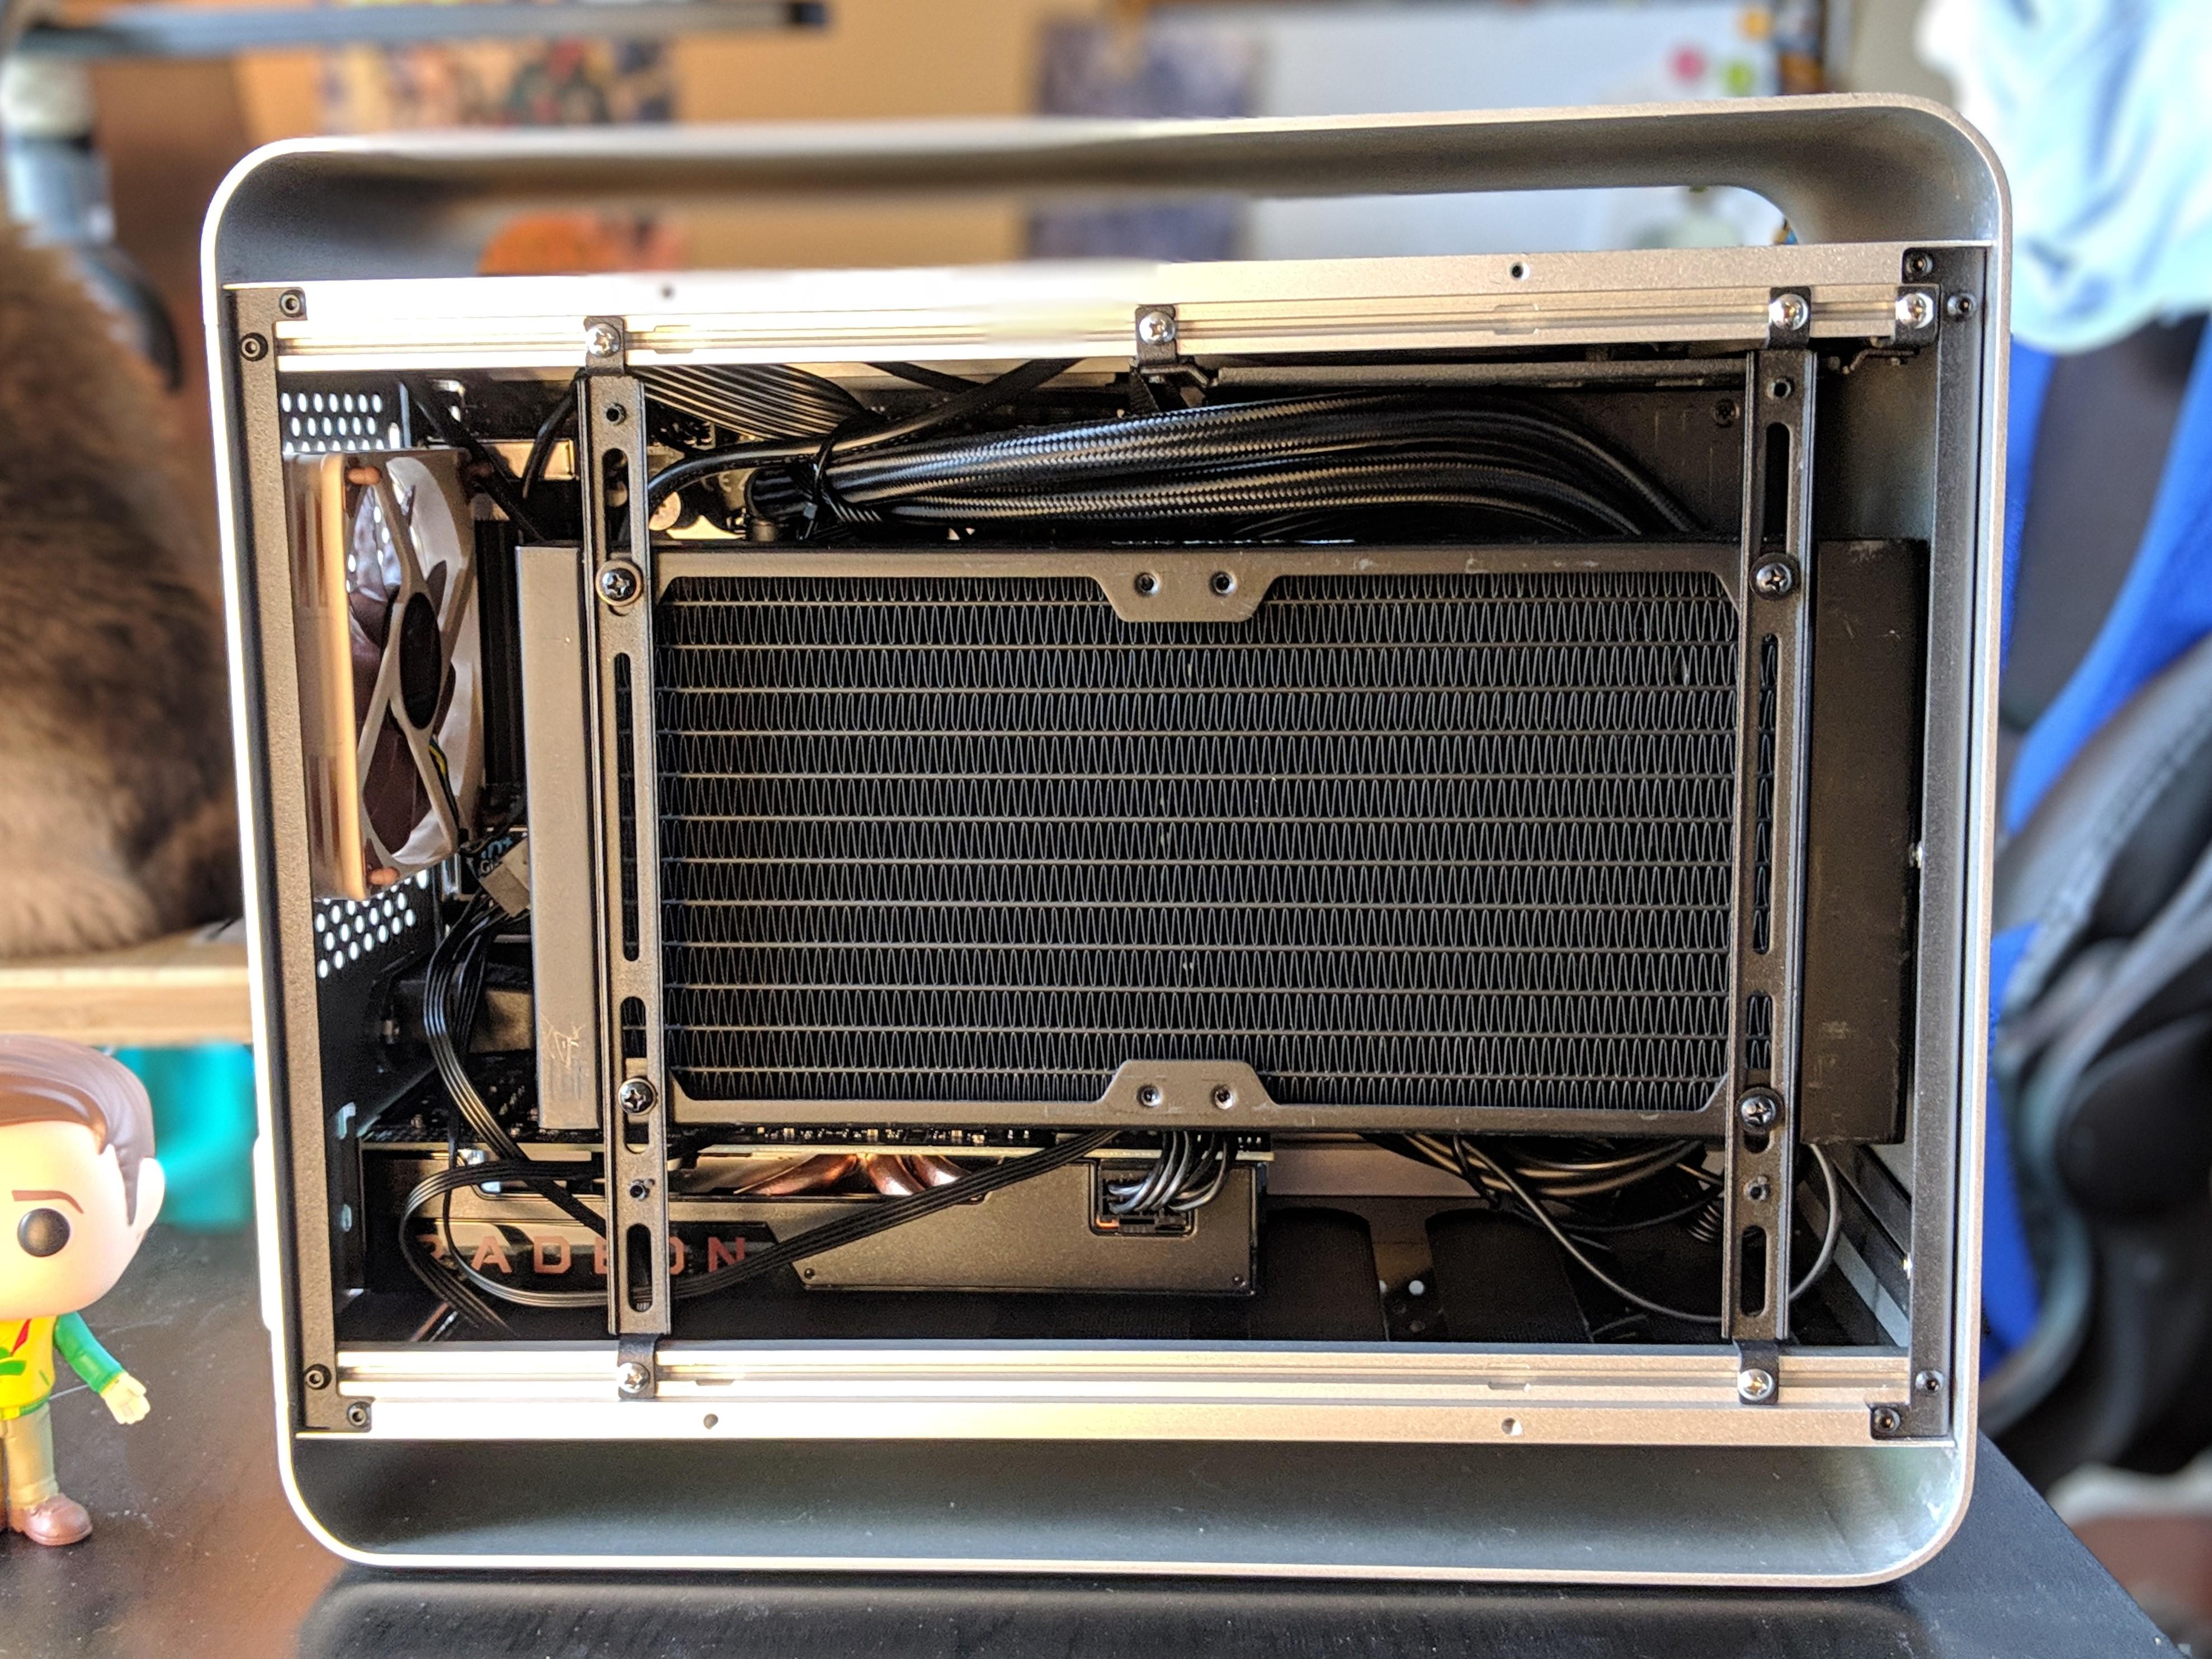 PC Case - Open Side Left